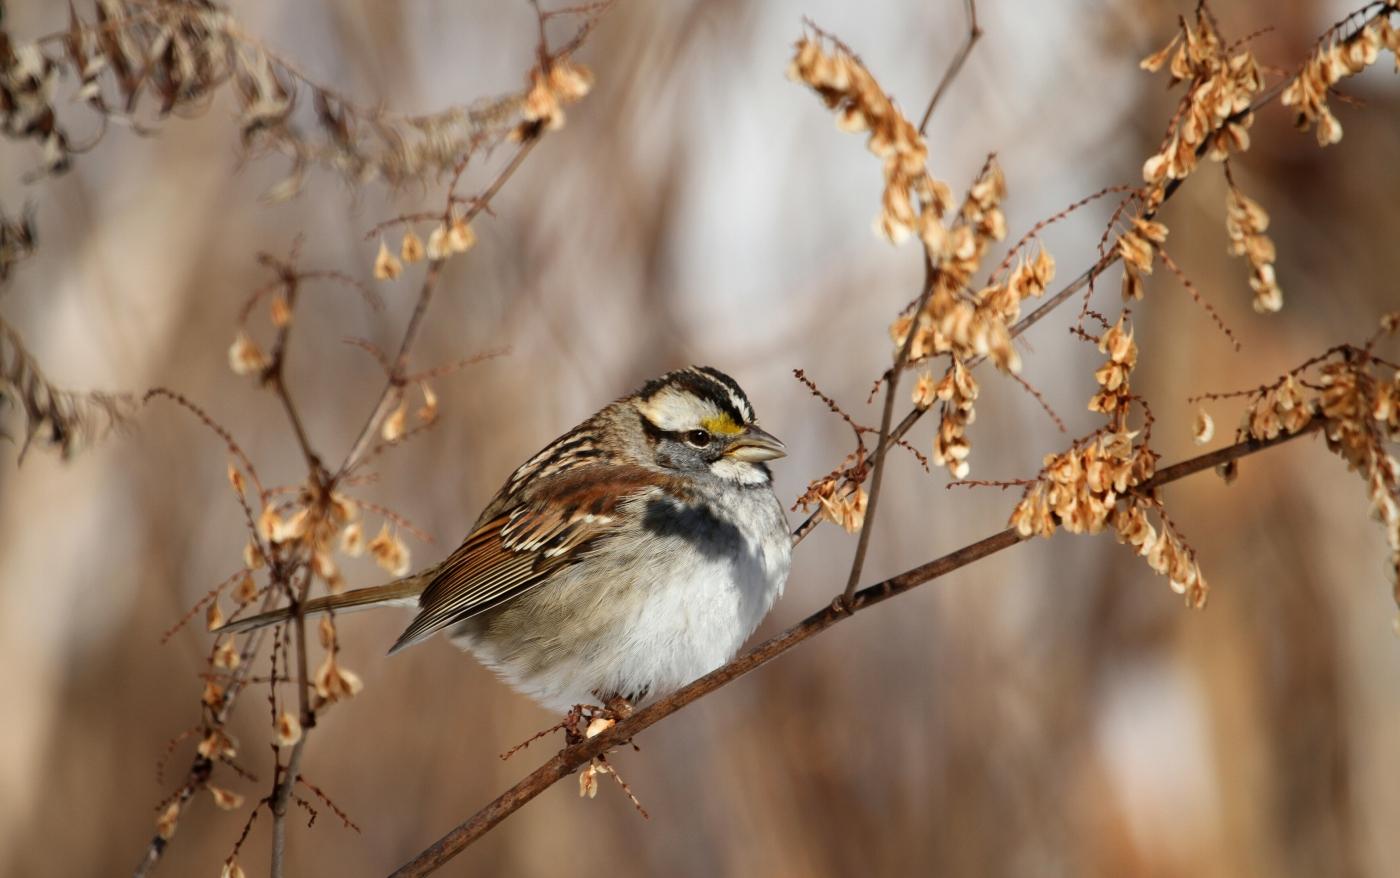 【田螺摄影】雪后去拍鸟随拍_图1-2